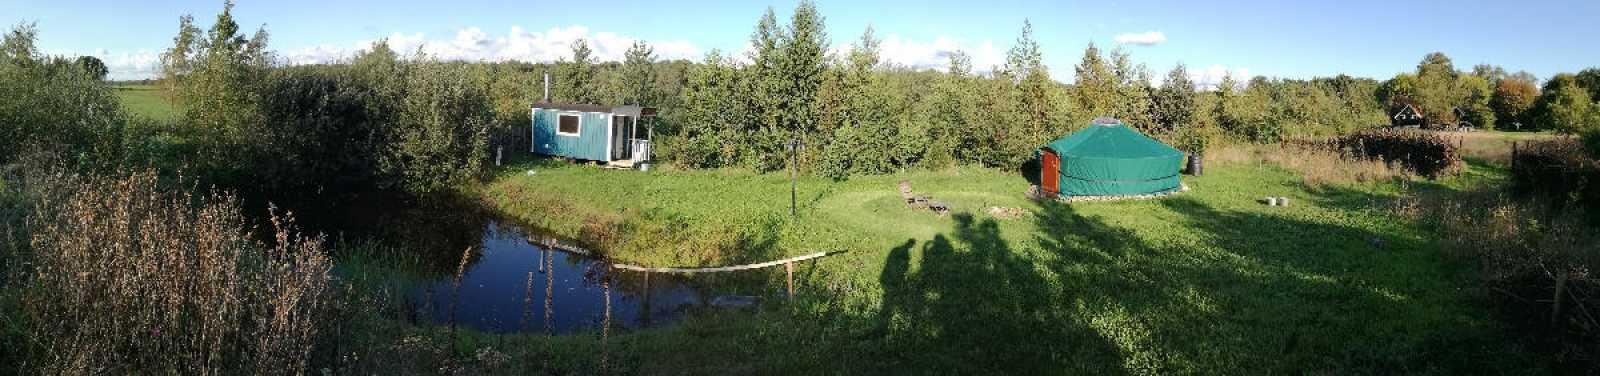 saunaterrein sauna yurt bij bed en breakfast vakantiehuisje molenbergh in zuidwest drenthe